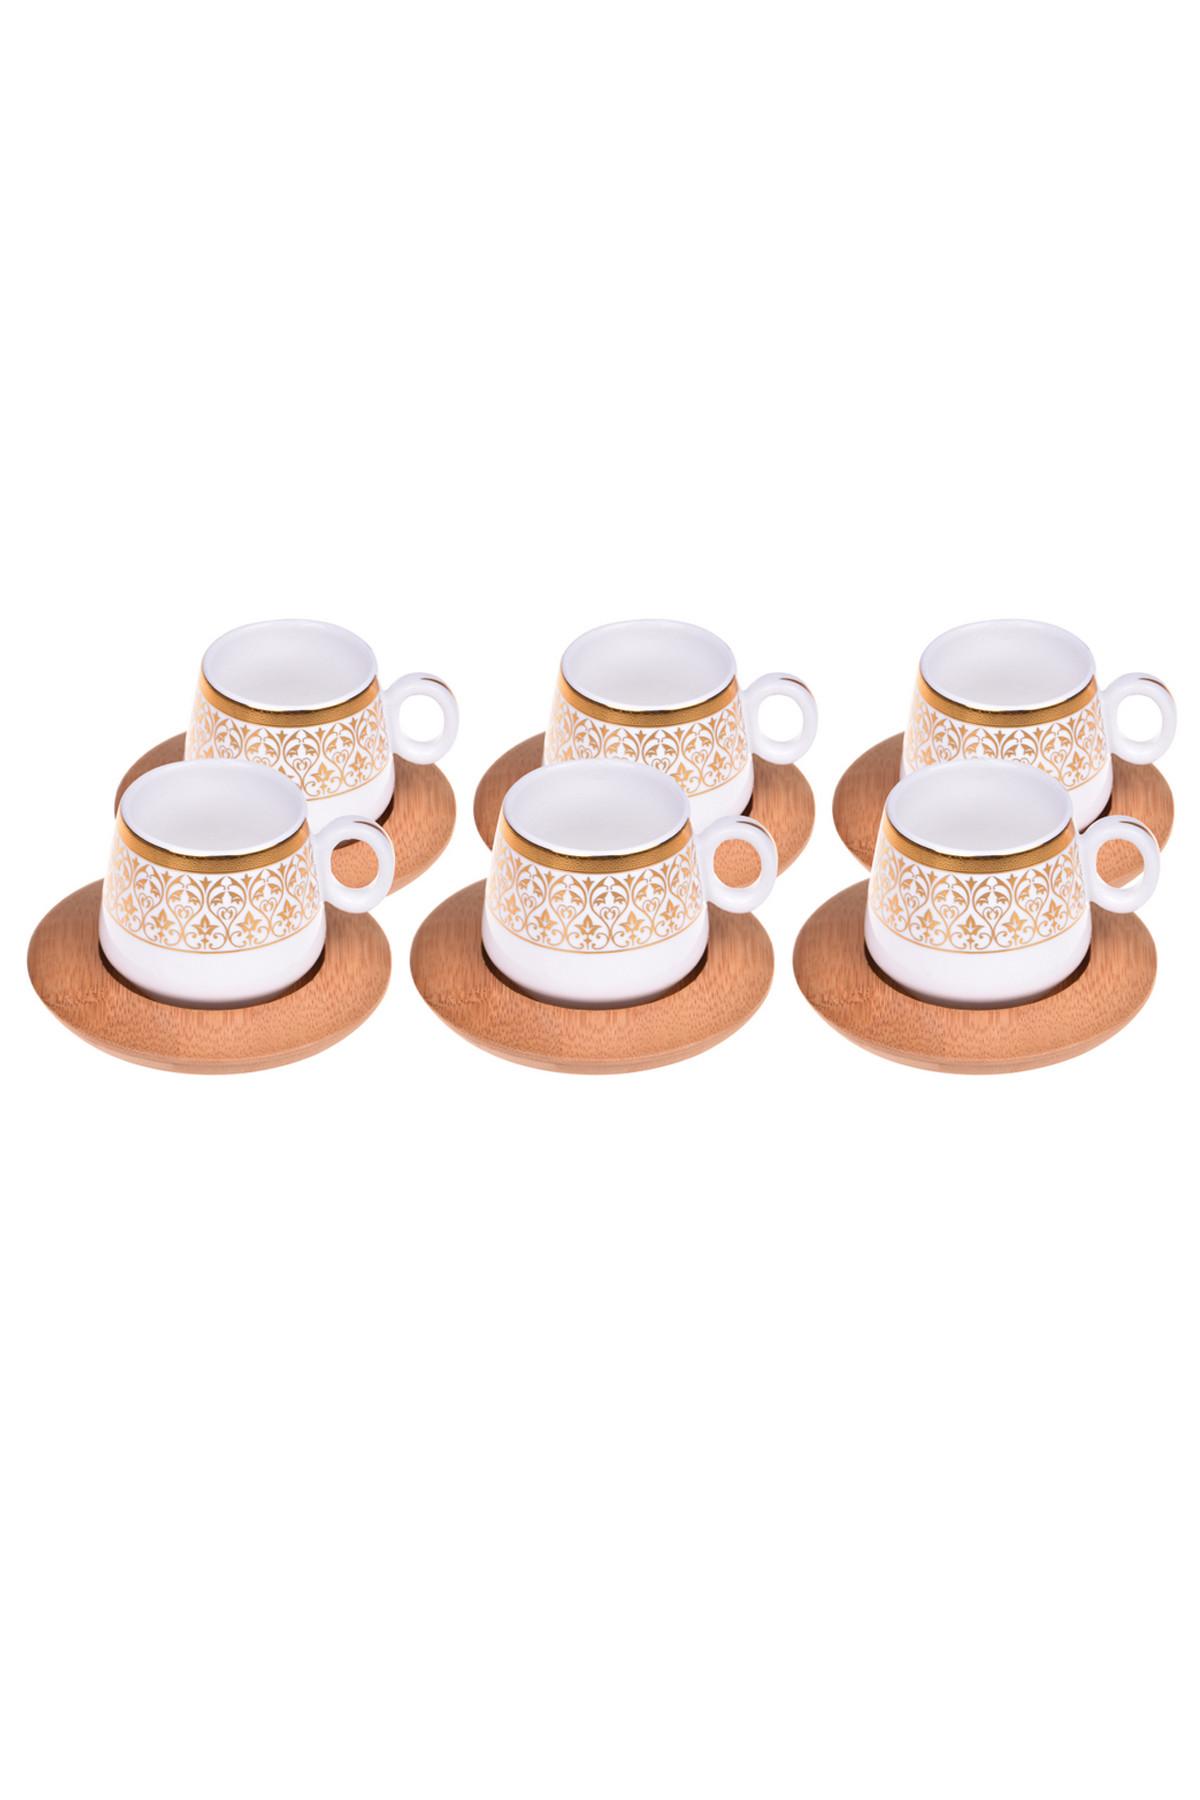 Sepetcibaba - Ottoman - 6 Kişilik Kahve Takımı Desenli